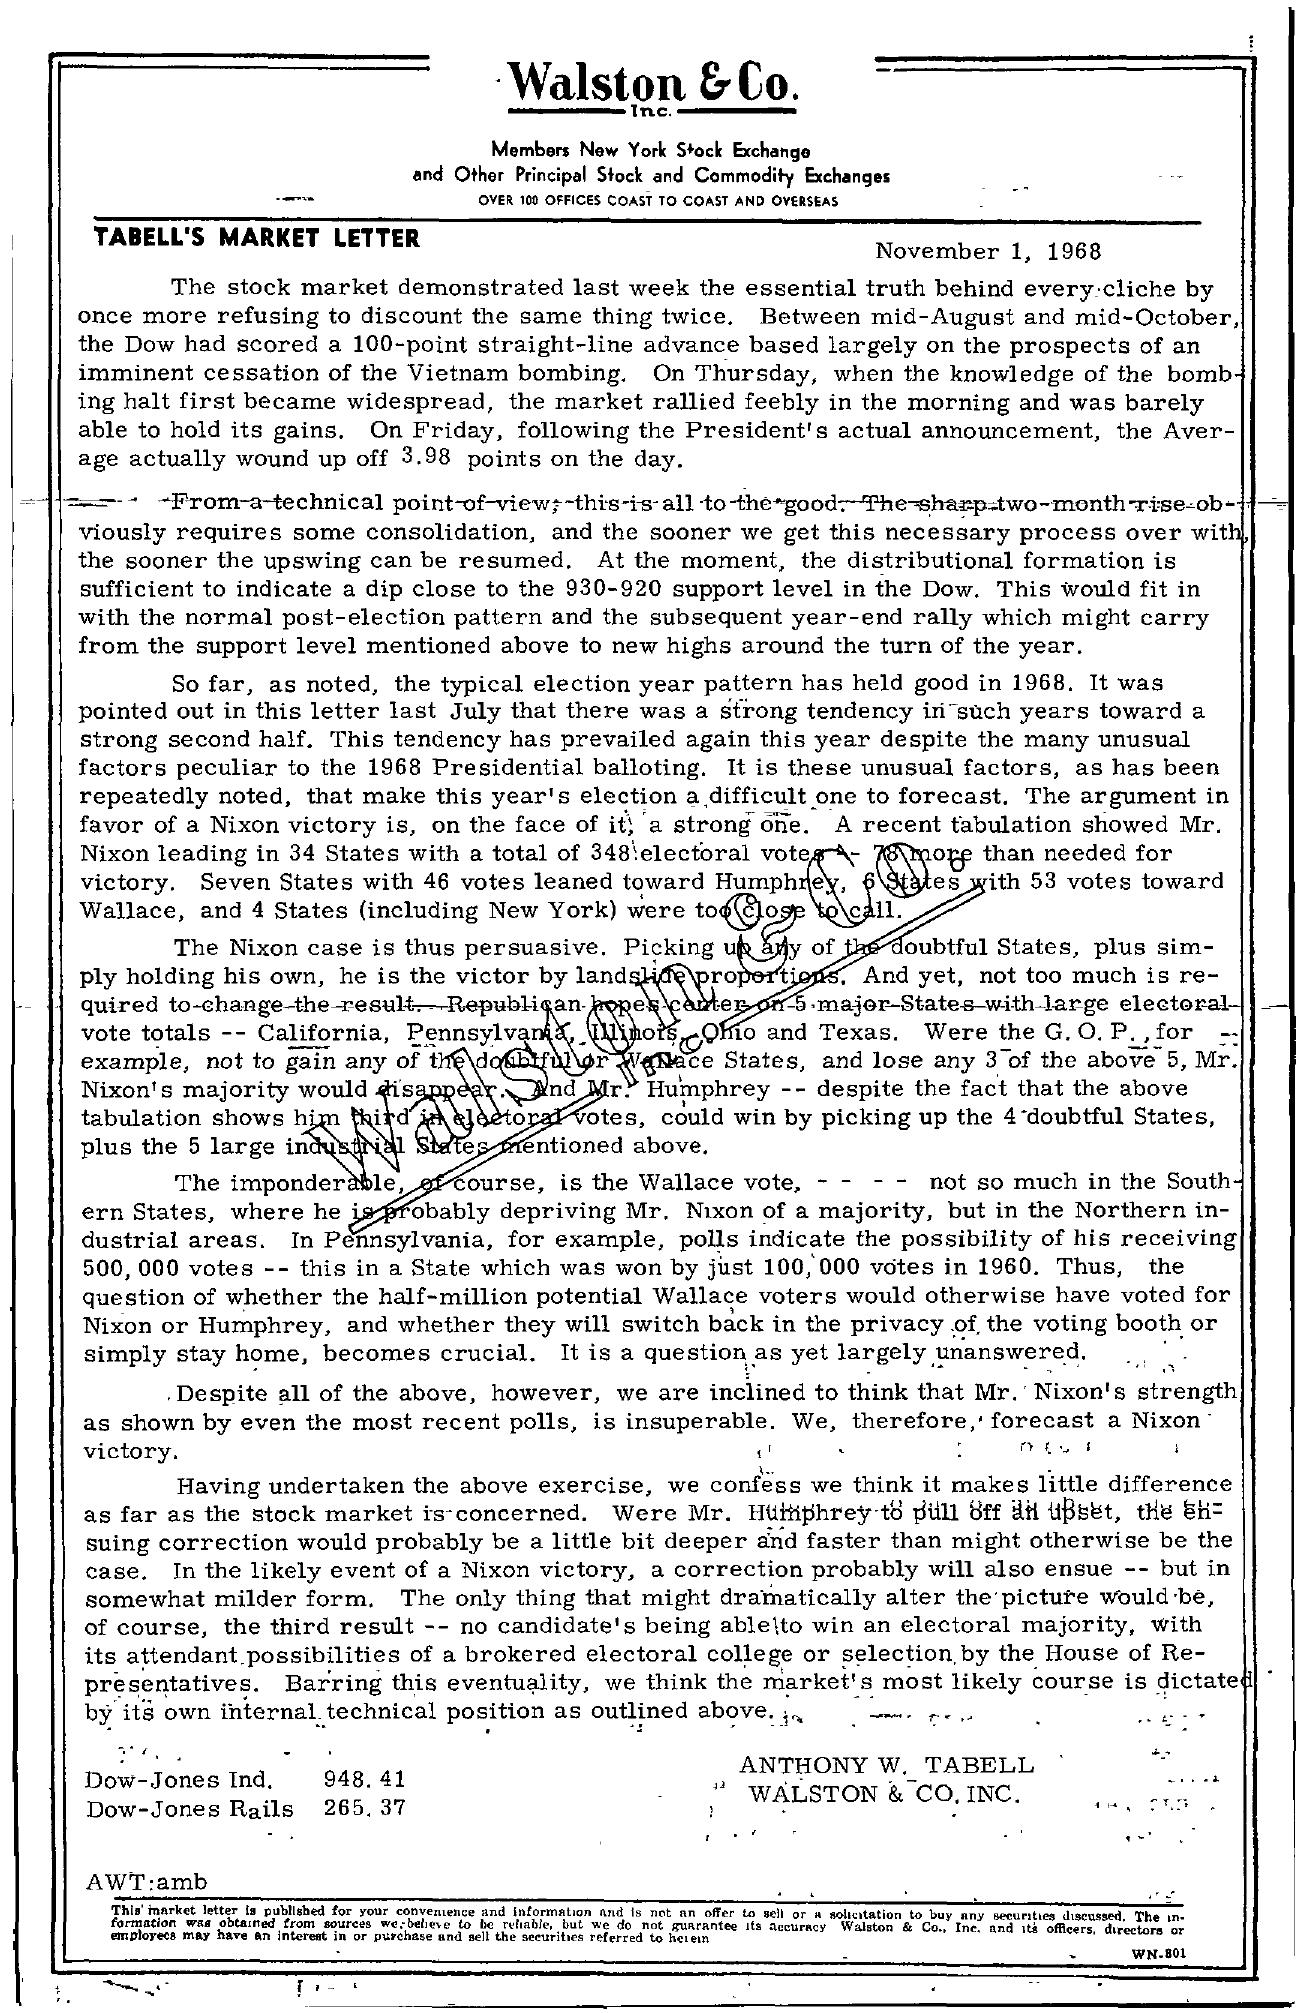 Tabell's Market Letter - November 01, 1968